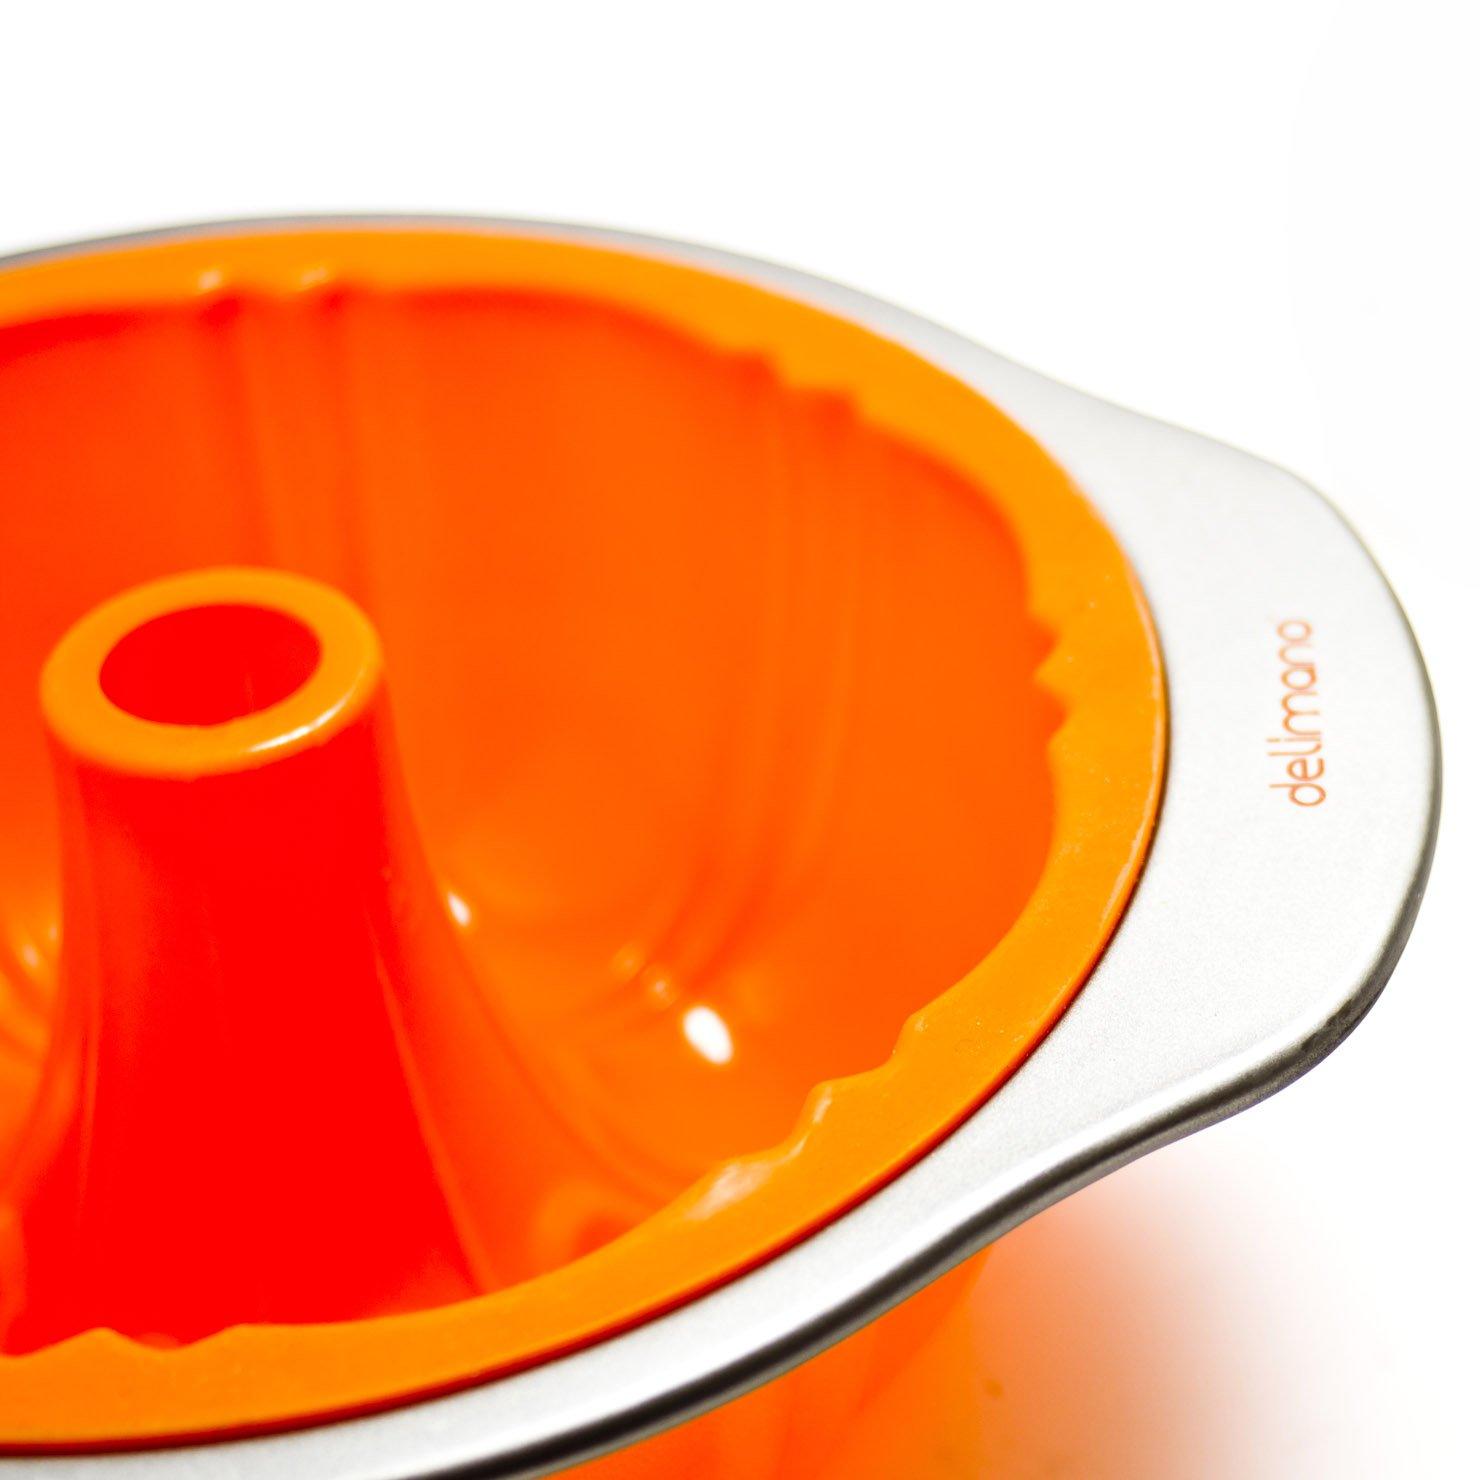 Delimano Fantasia silicona molde estriado Bunt Pan: Amazon.es: Hogar